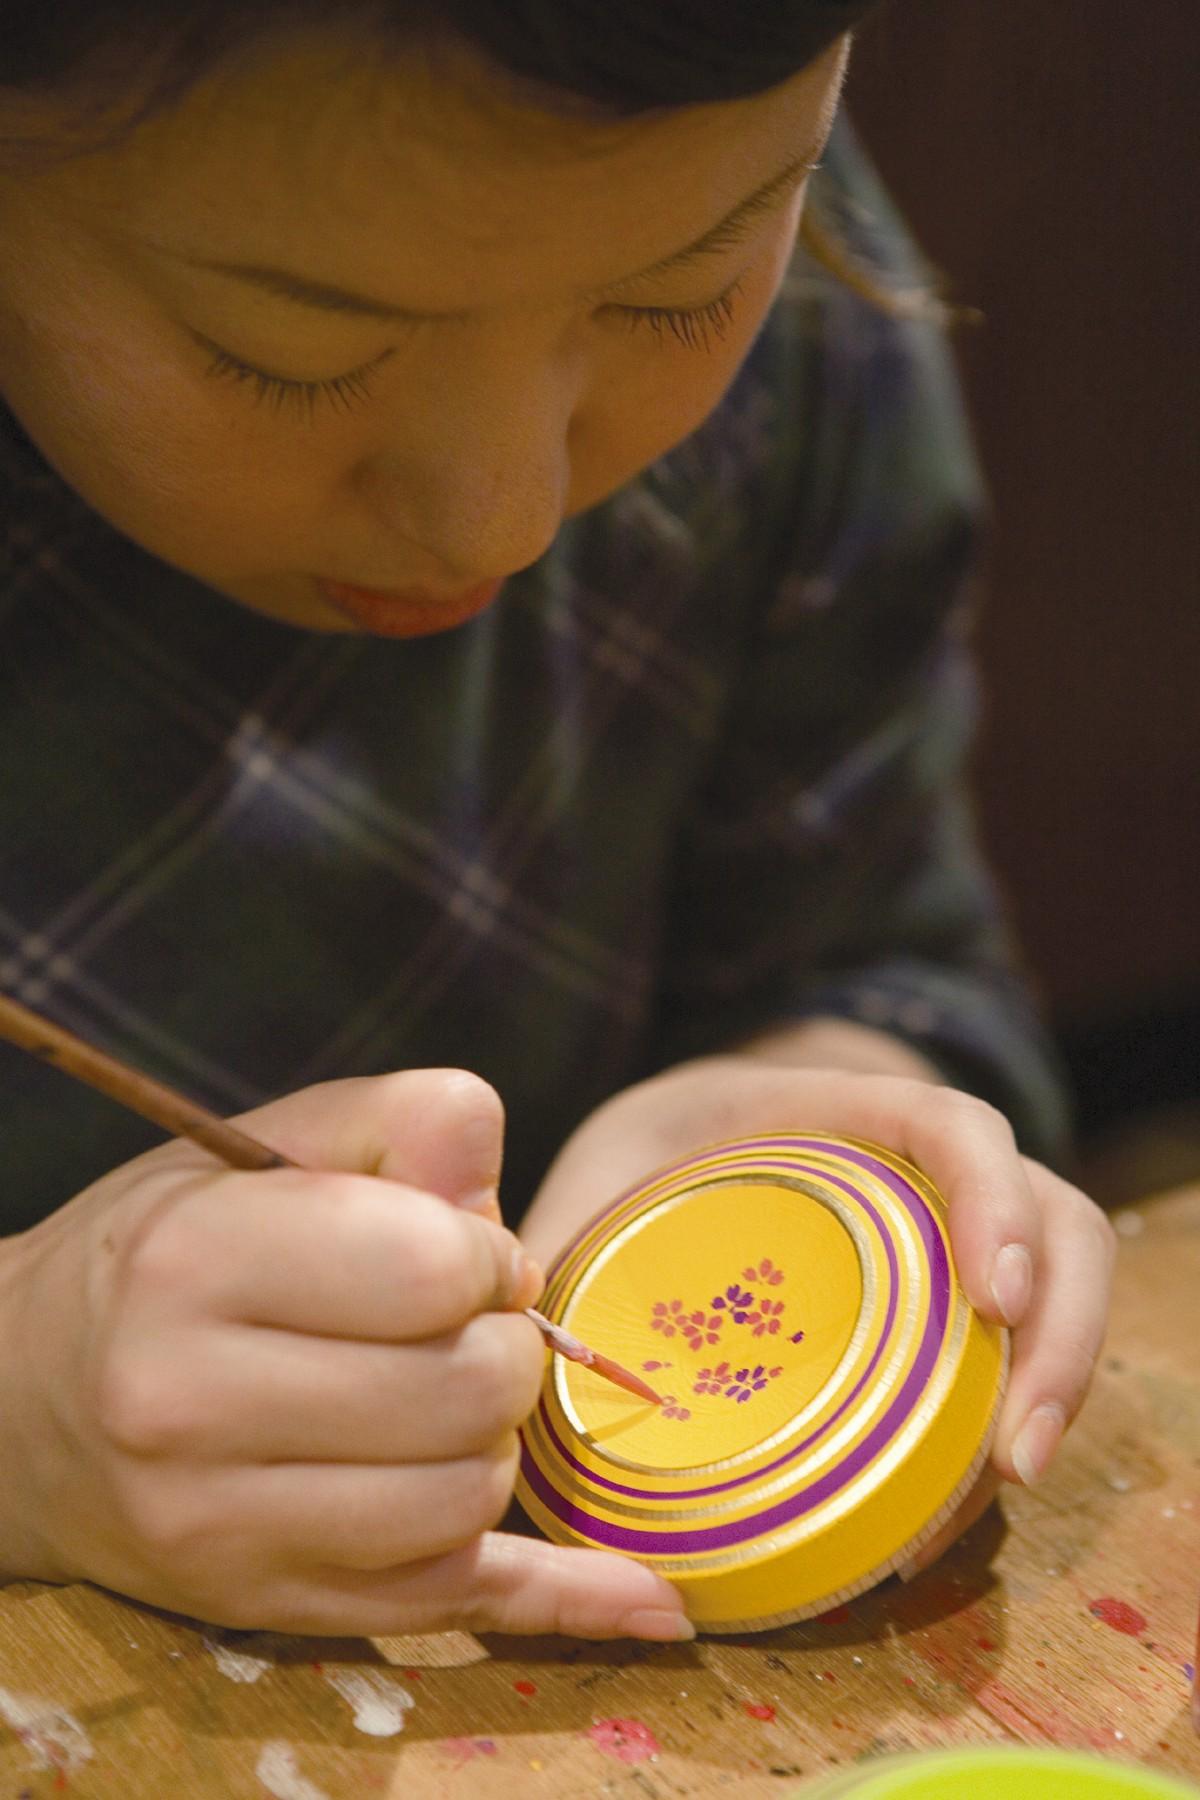 Image of Hakata koma (spin top)(2006)